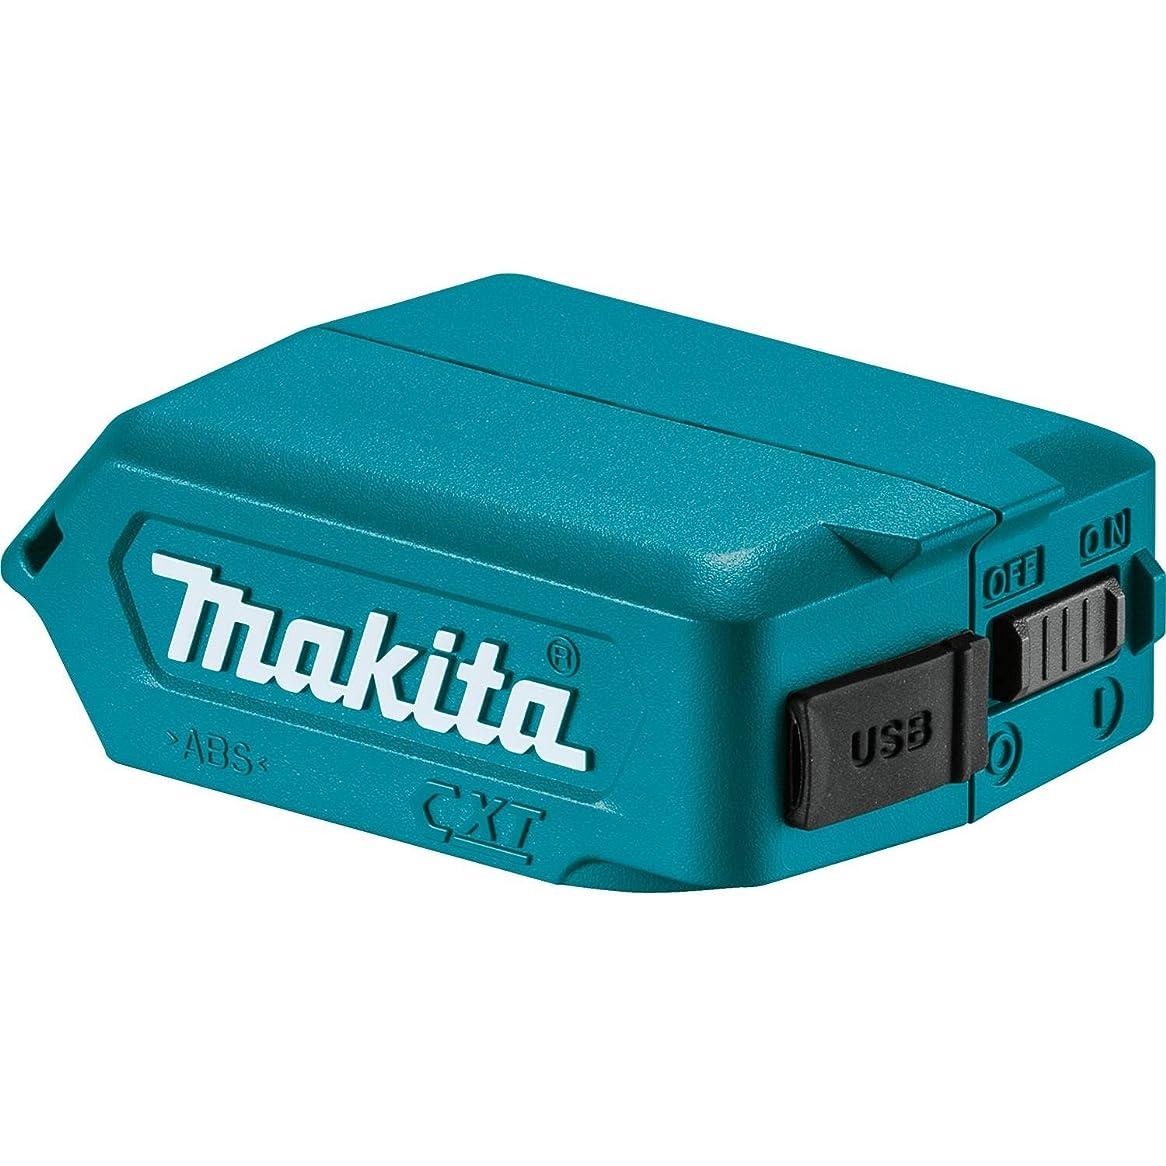 談話天文学全体にマキタ(Makita) USB用アダプタ ADP08